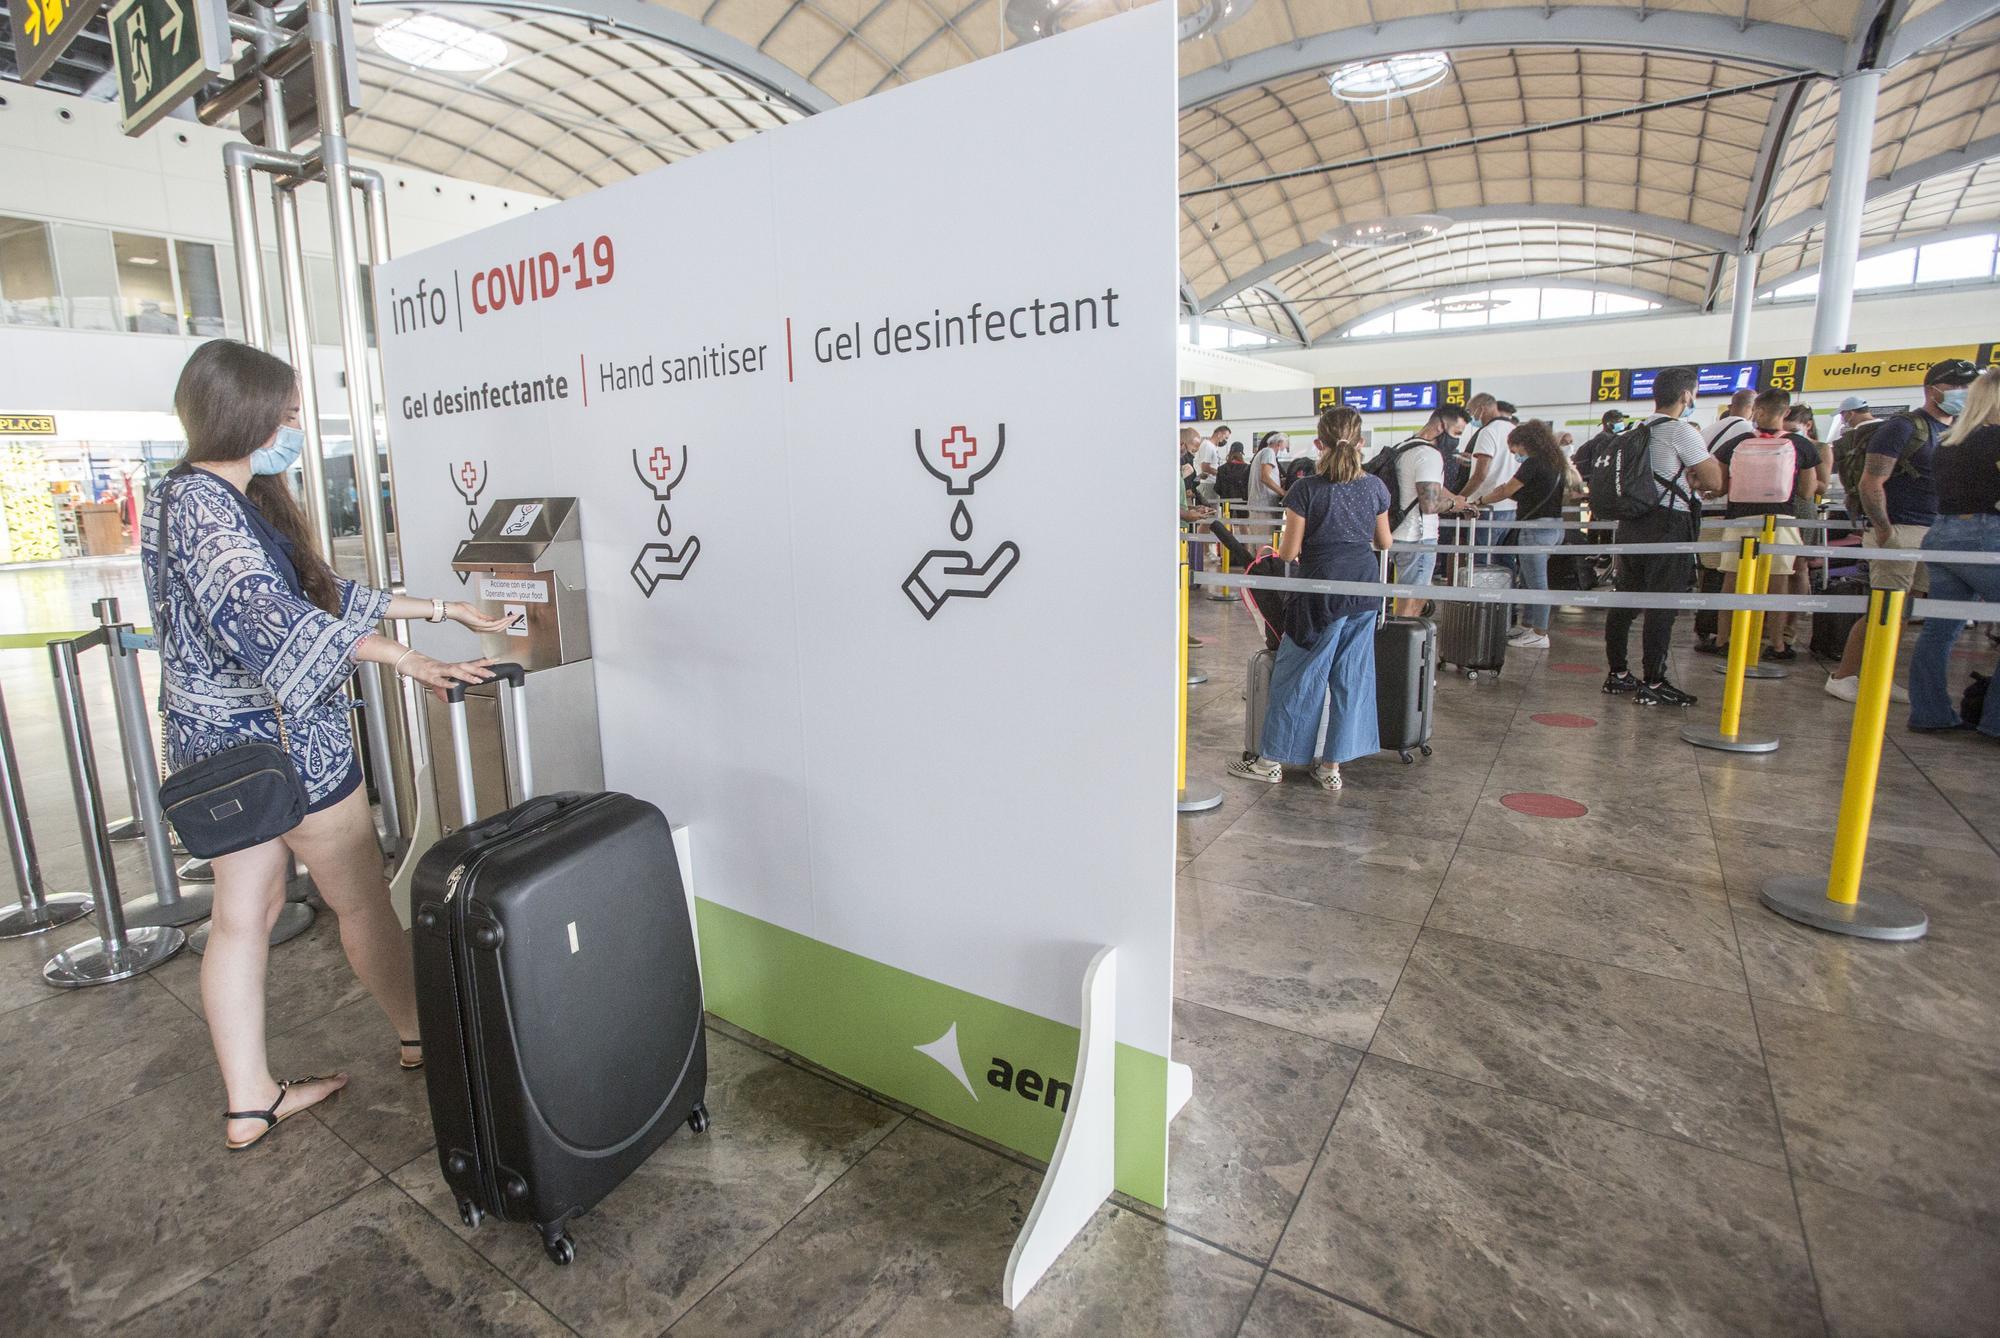 El aeropuerto de Alicante-Elche, entre los 14 más limpios y seguros de Europa frente al covid